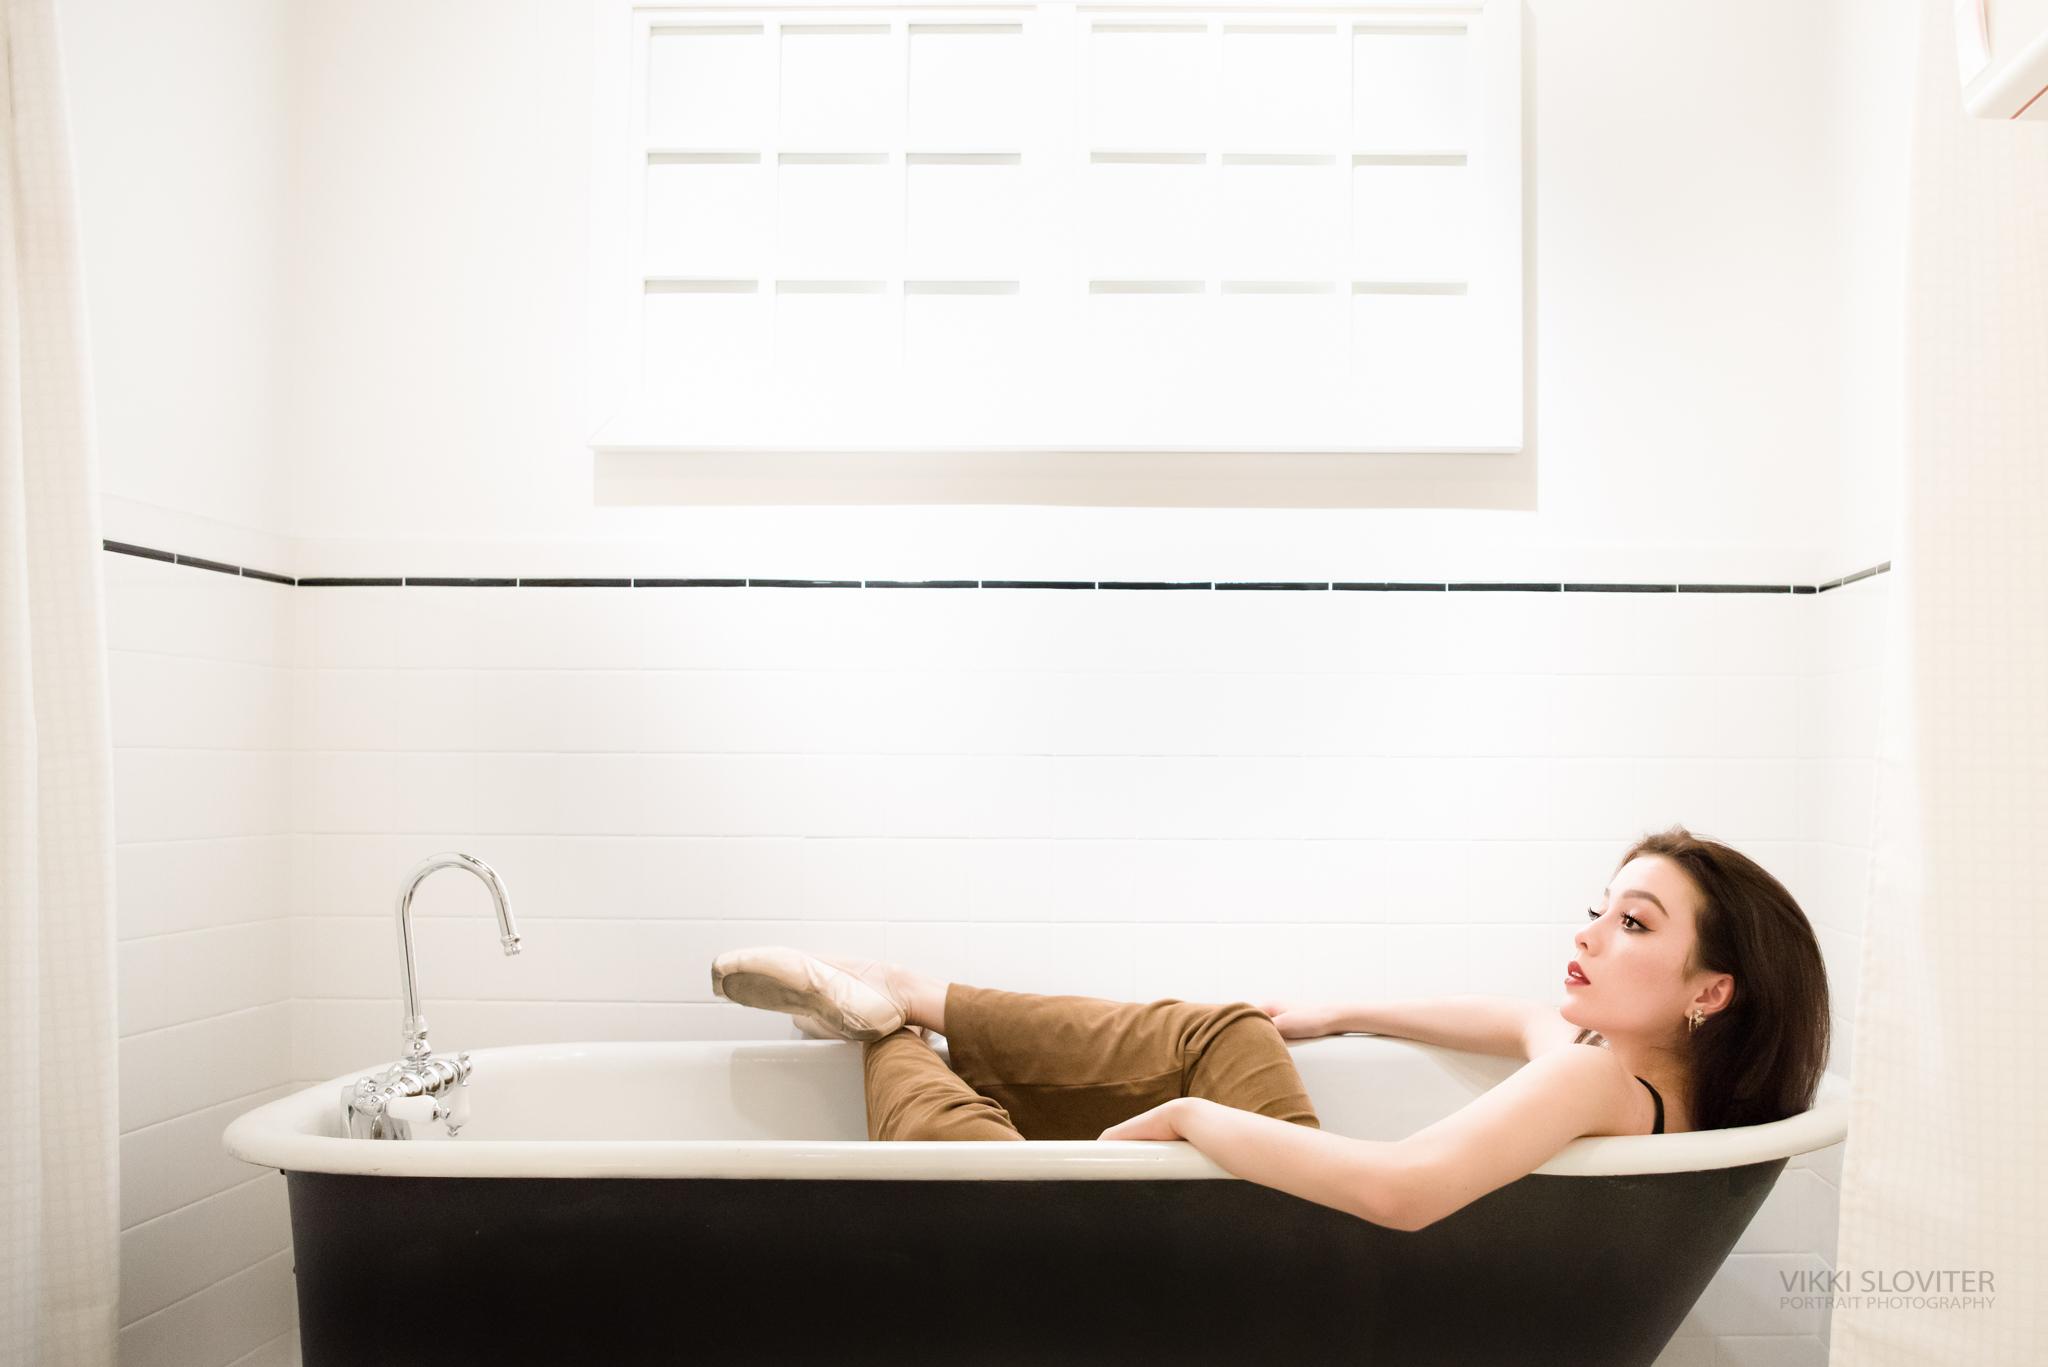 Rub-a-dub-dub, one dancer in a tub.